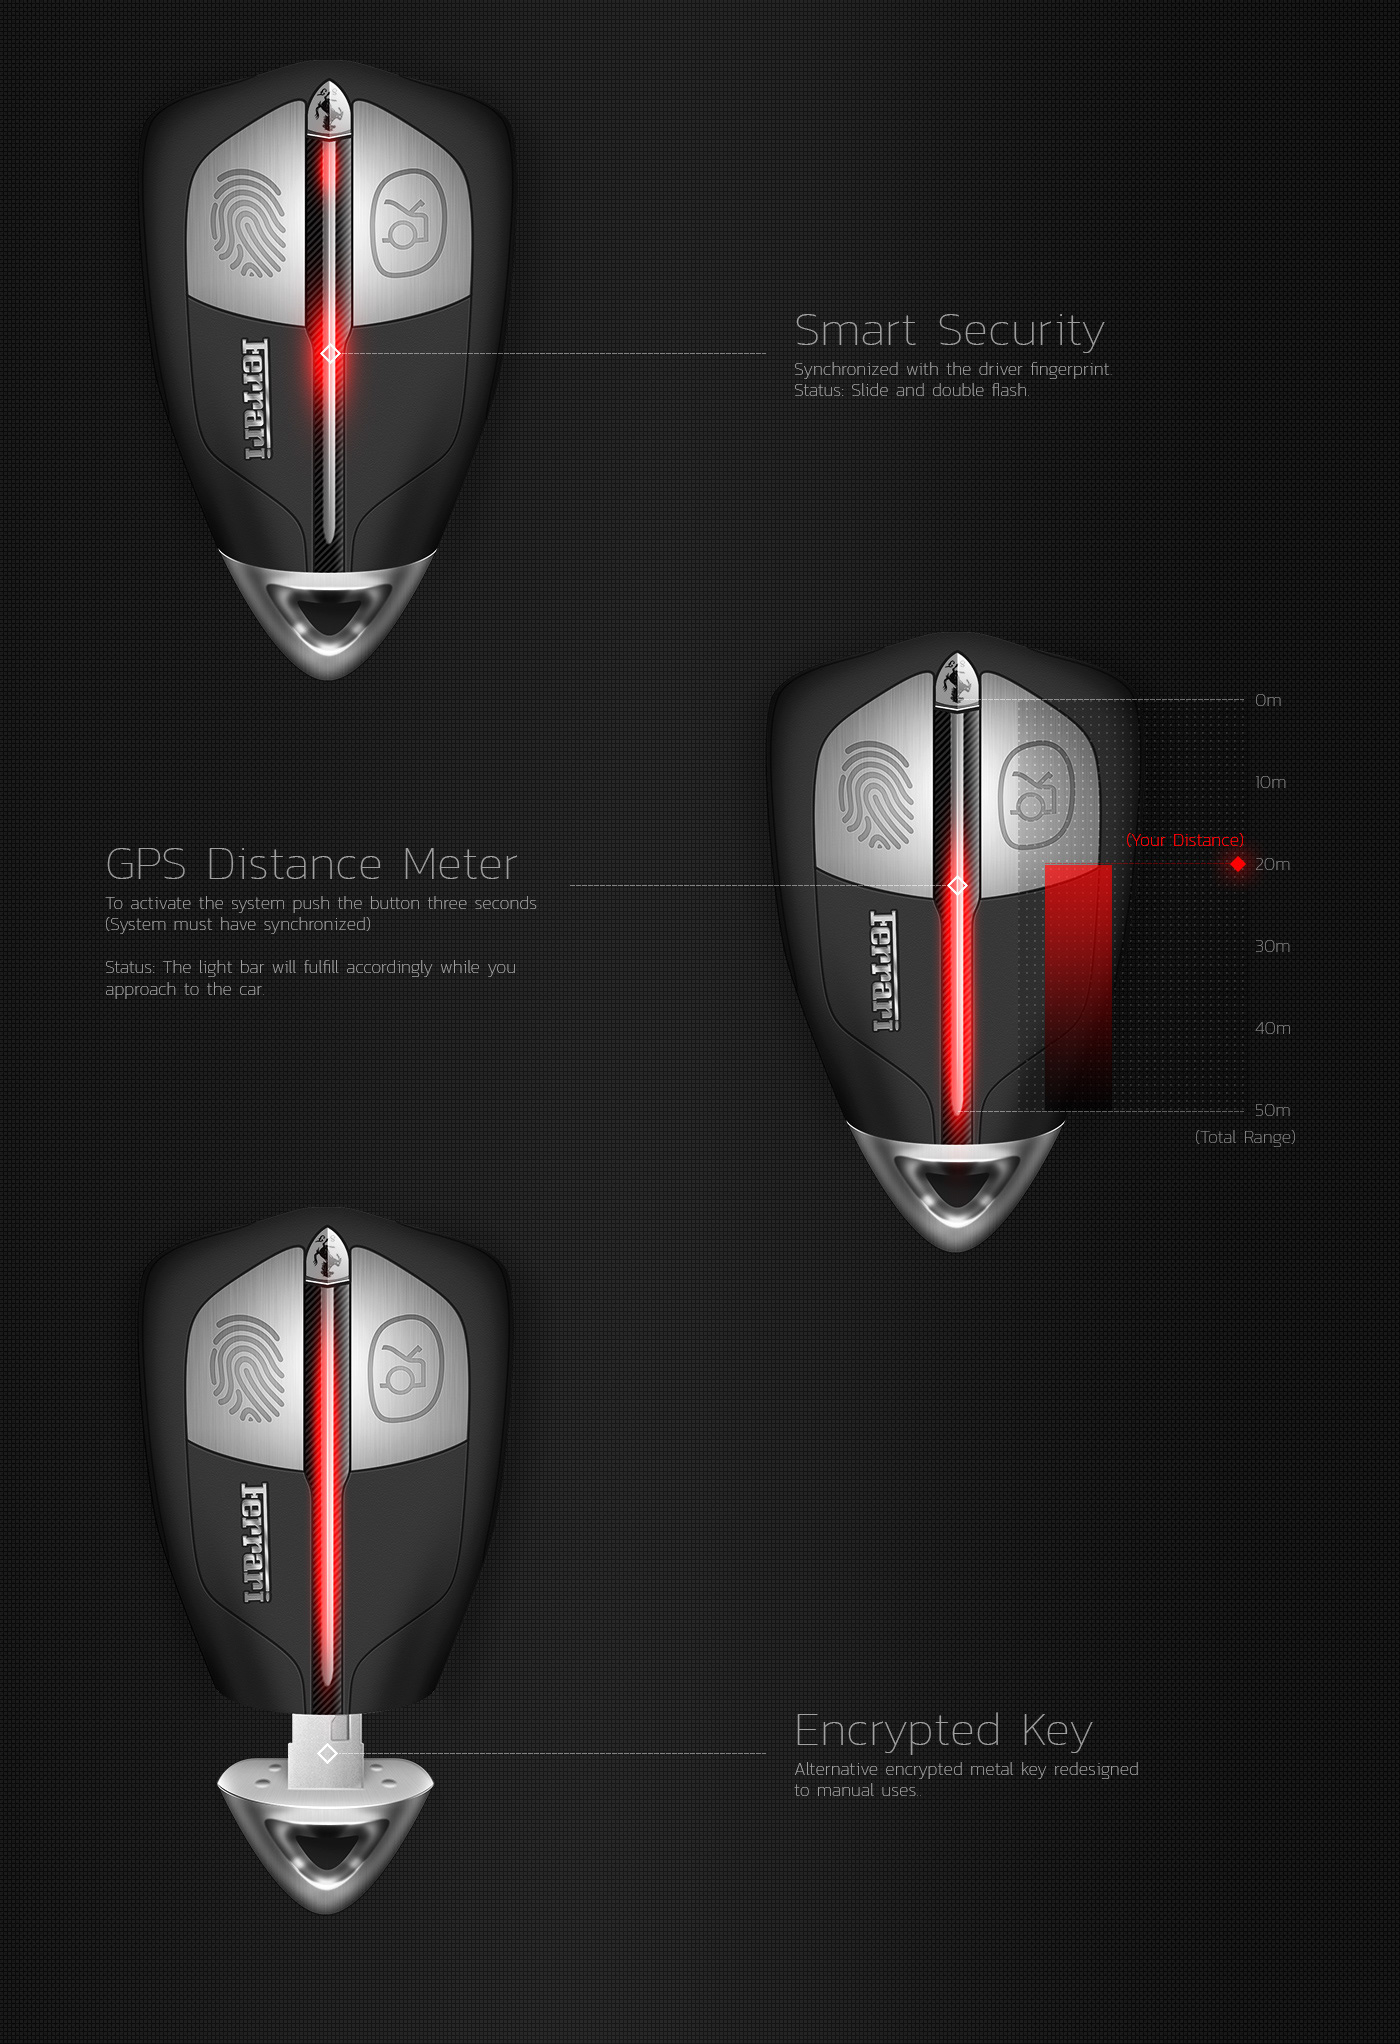 Ferrari Smart Key Concept Design On Behance